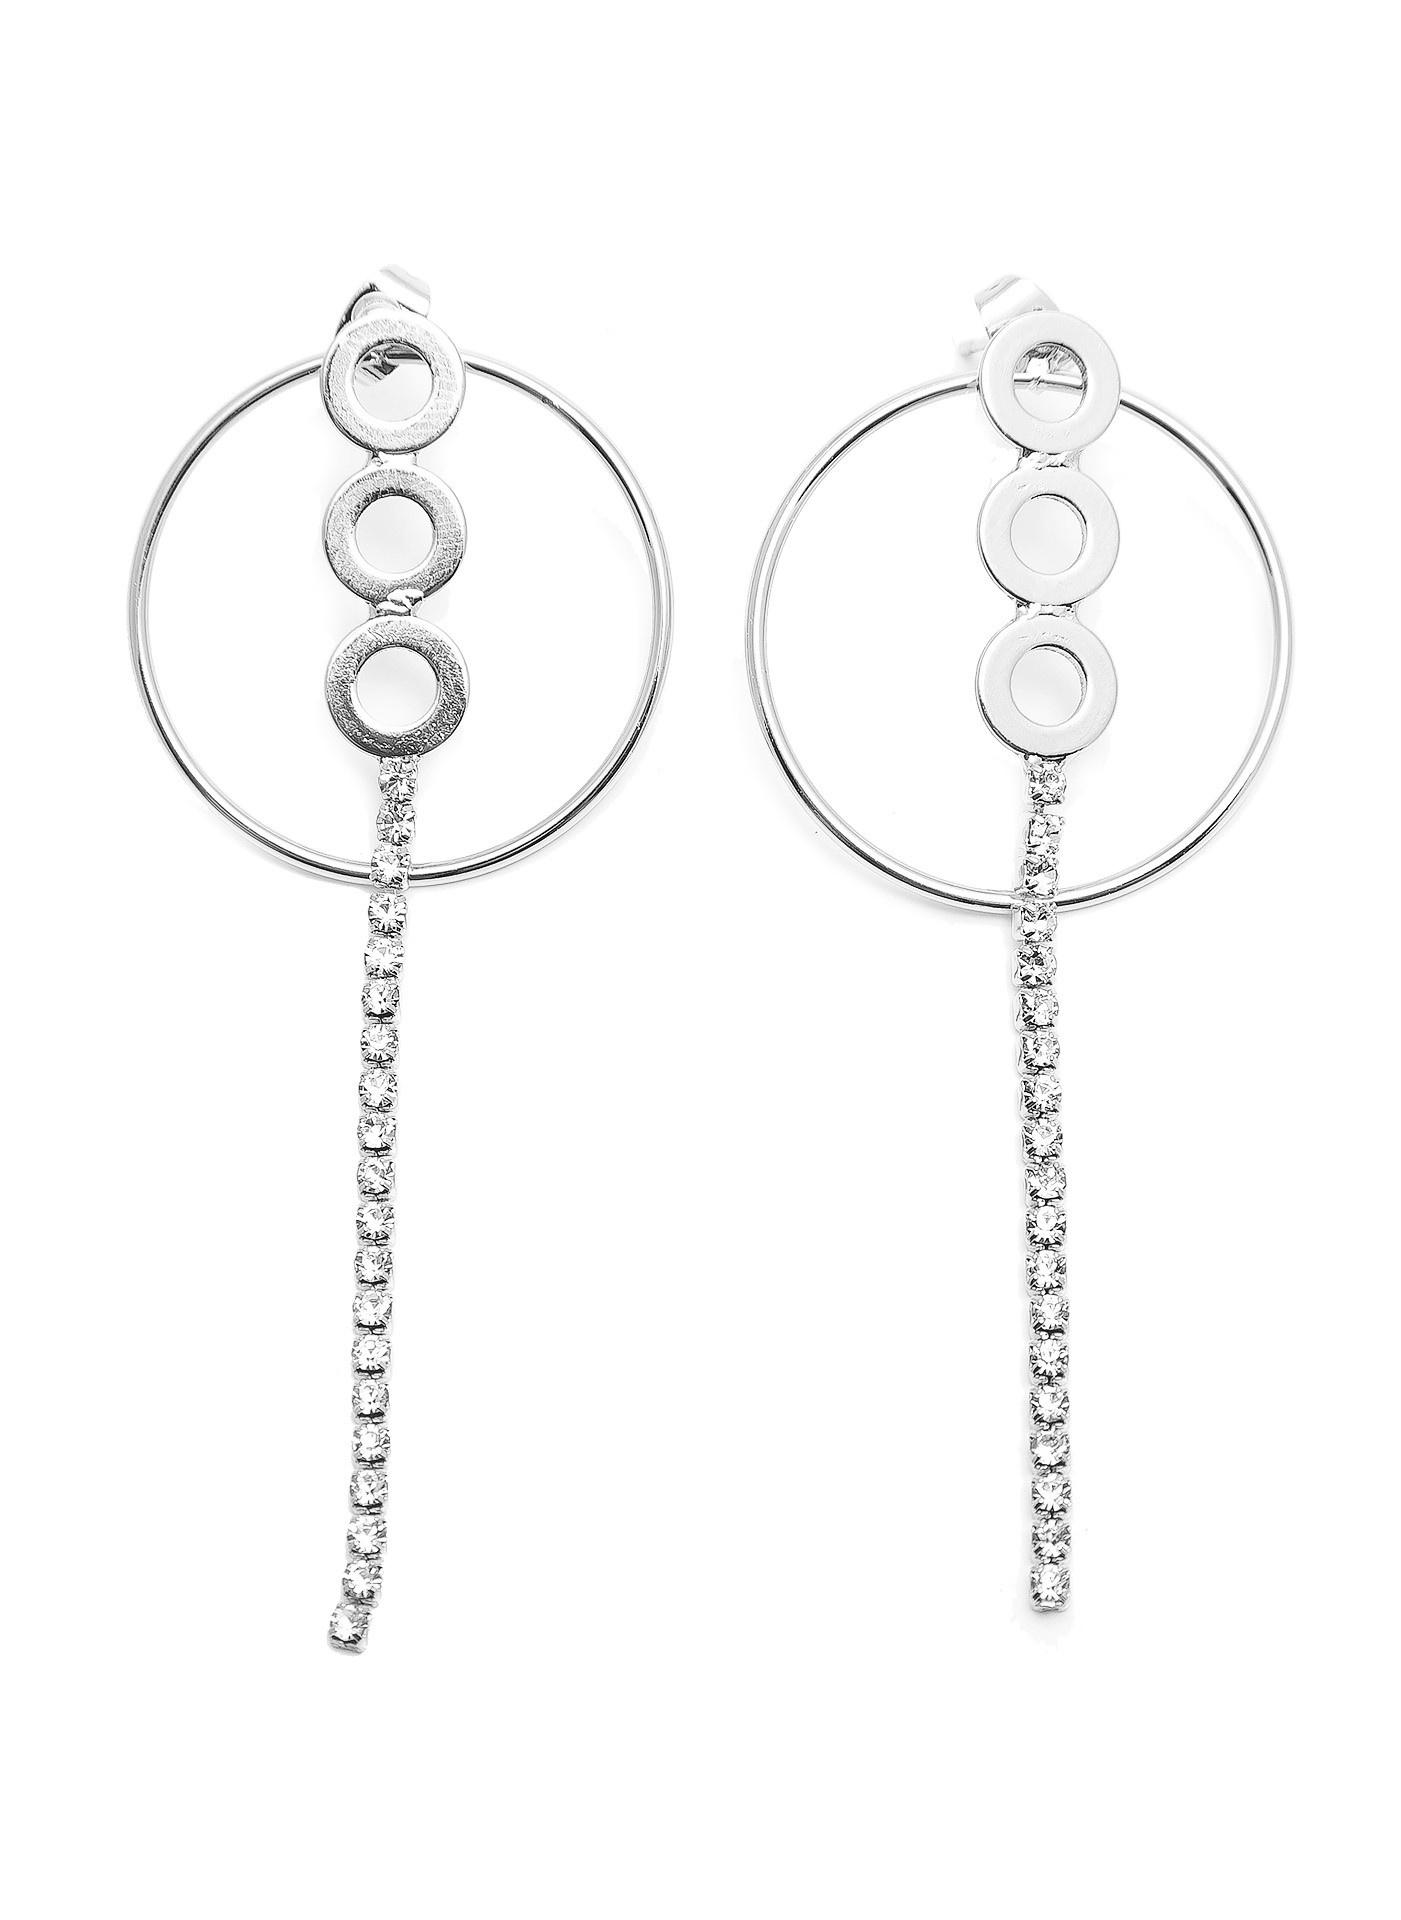 Серьги Aiyony Macie, ER800012/1, серебряный жен крупногабаритные прочее стразы серьги слезки секси крупногабаритные мода серебряный лиловый розовый волны серьги назначение